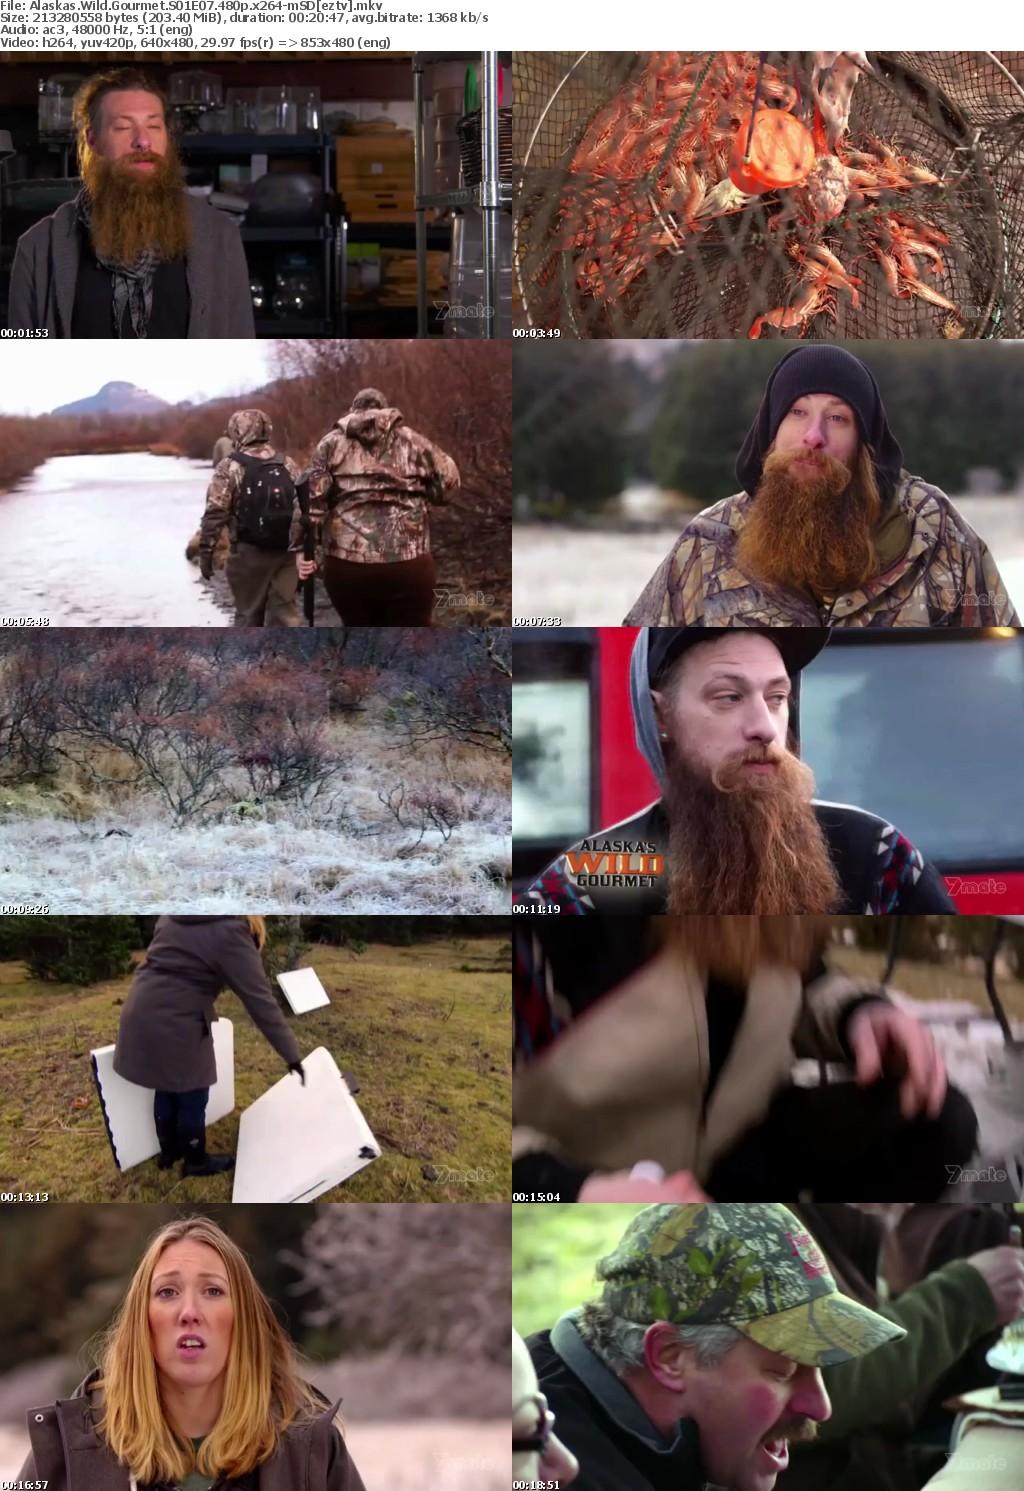 Alaskas Wild Gourmet S01E07 480p x264-mSD